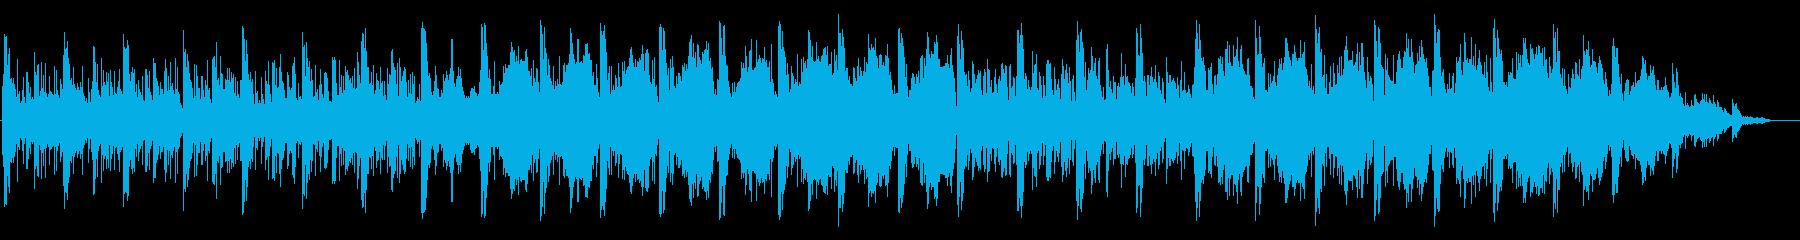 ジブリの世界観、きらめくハープの再生済みの波形